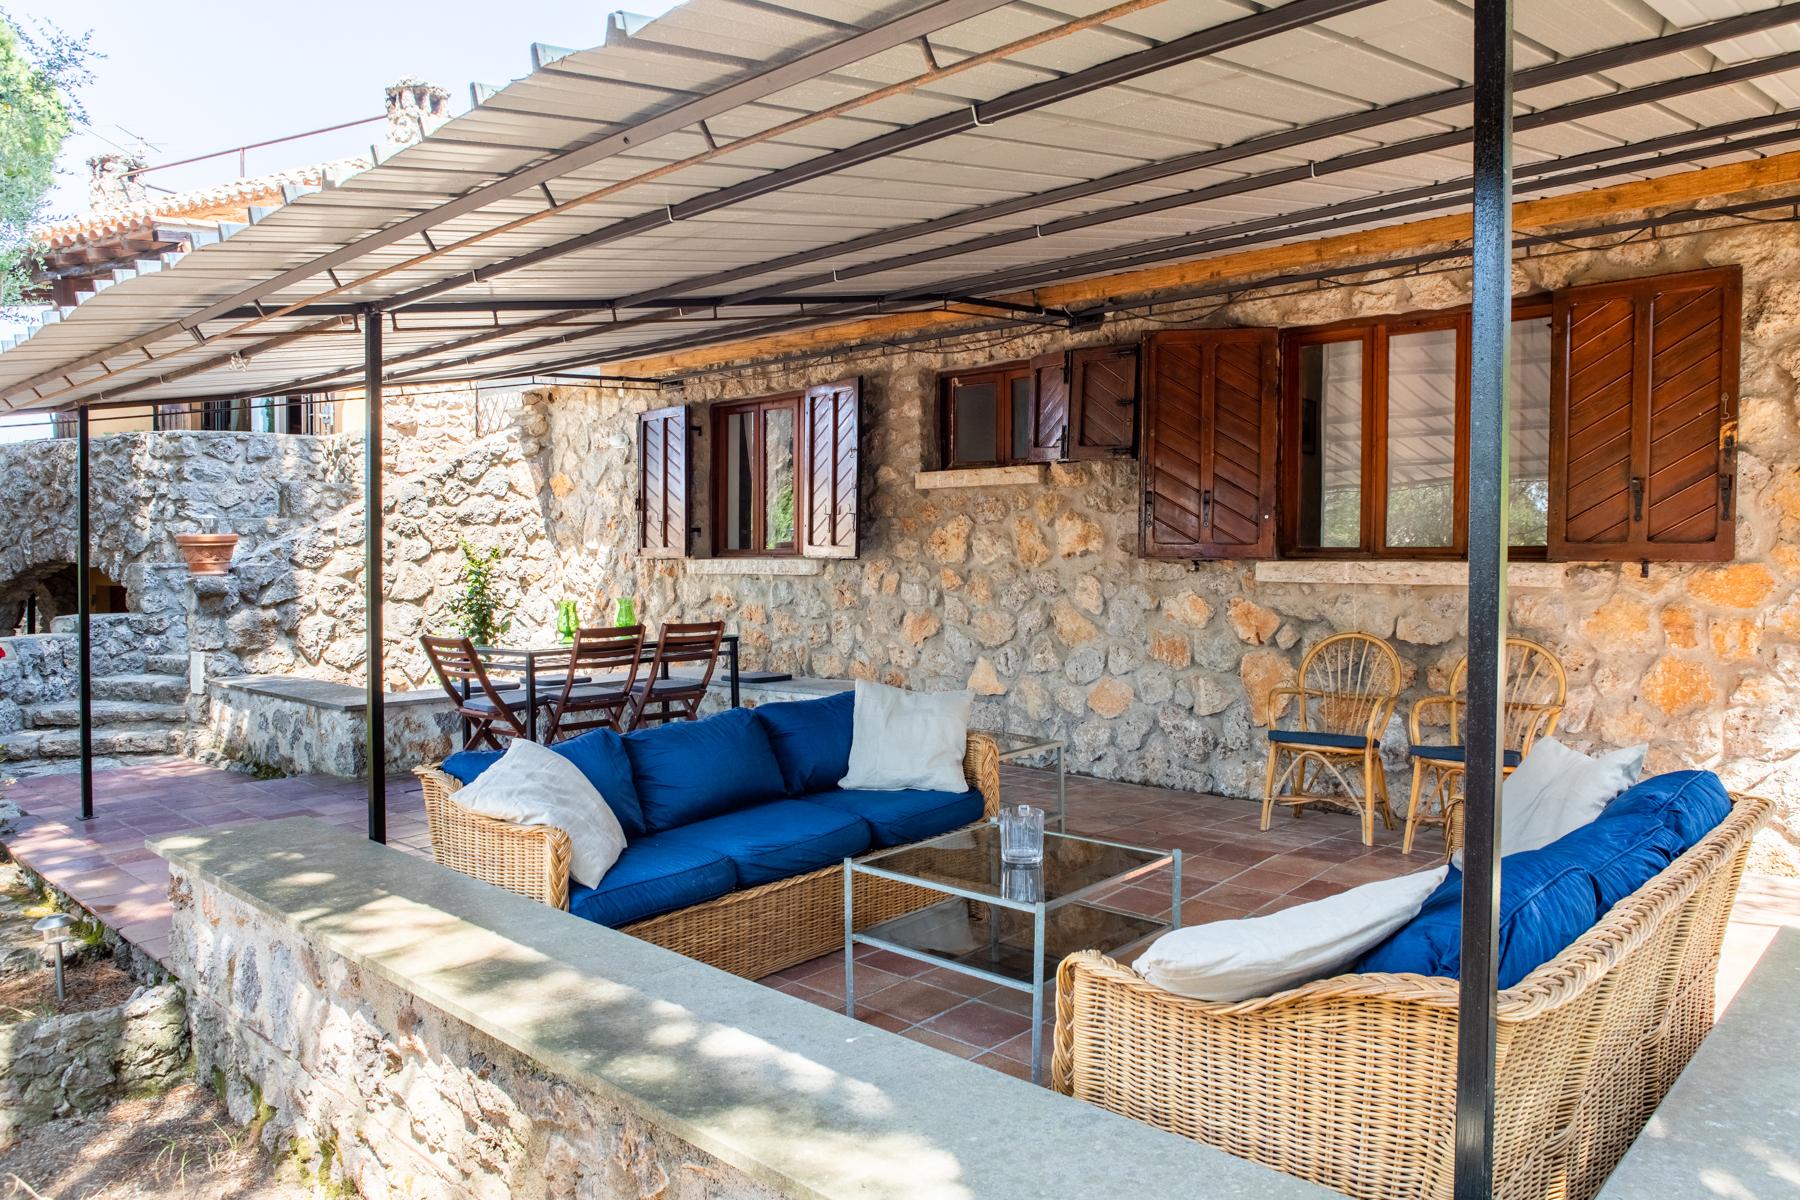 Villa in Vendita a Orbetello: 5 locali, 240 mq - Foto 4